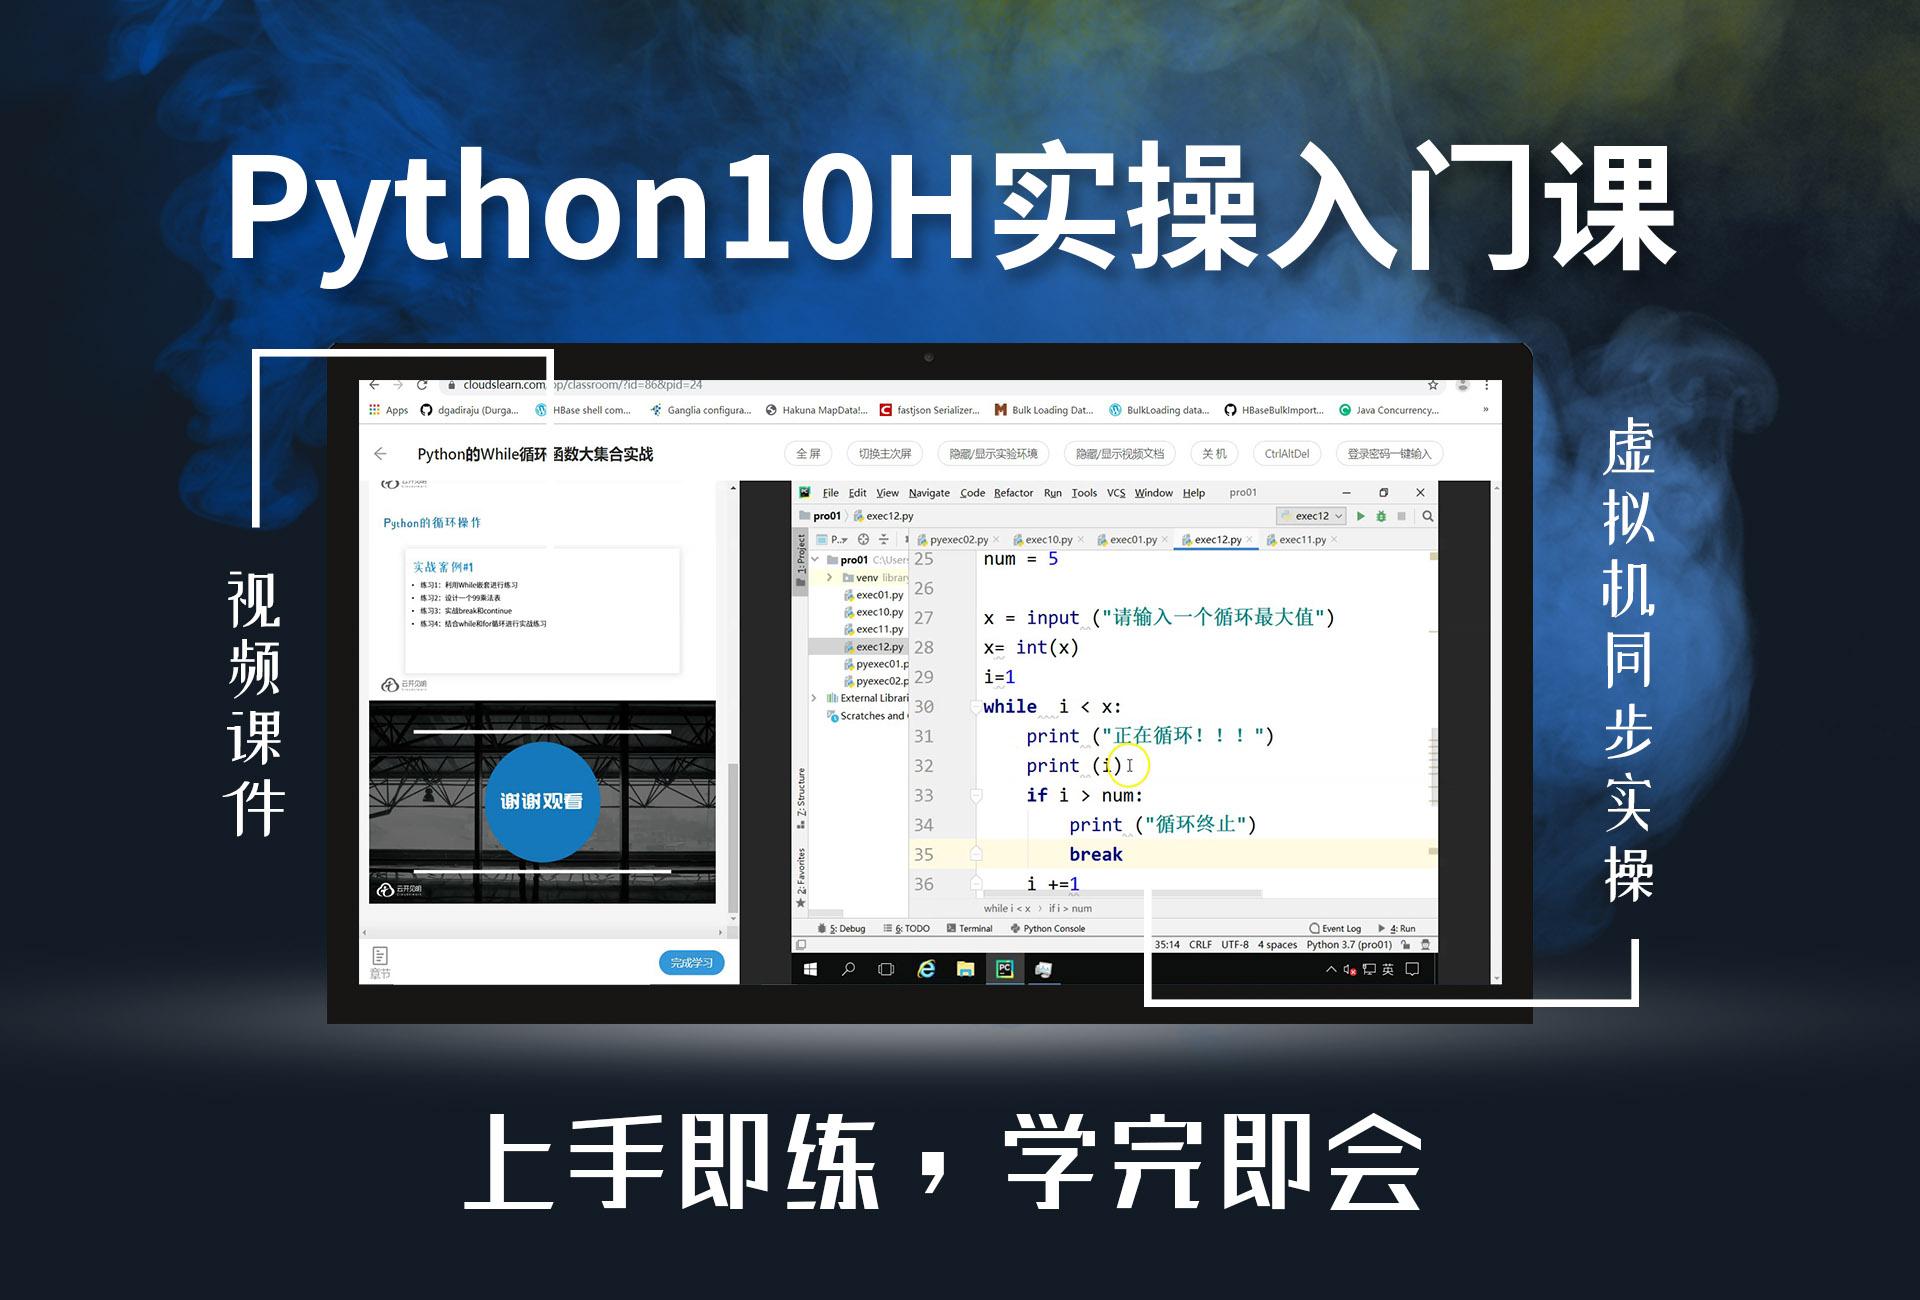 云开见明:Python10H实操入门课,2020年最新Python入门培训课程下载